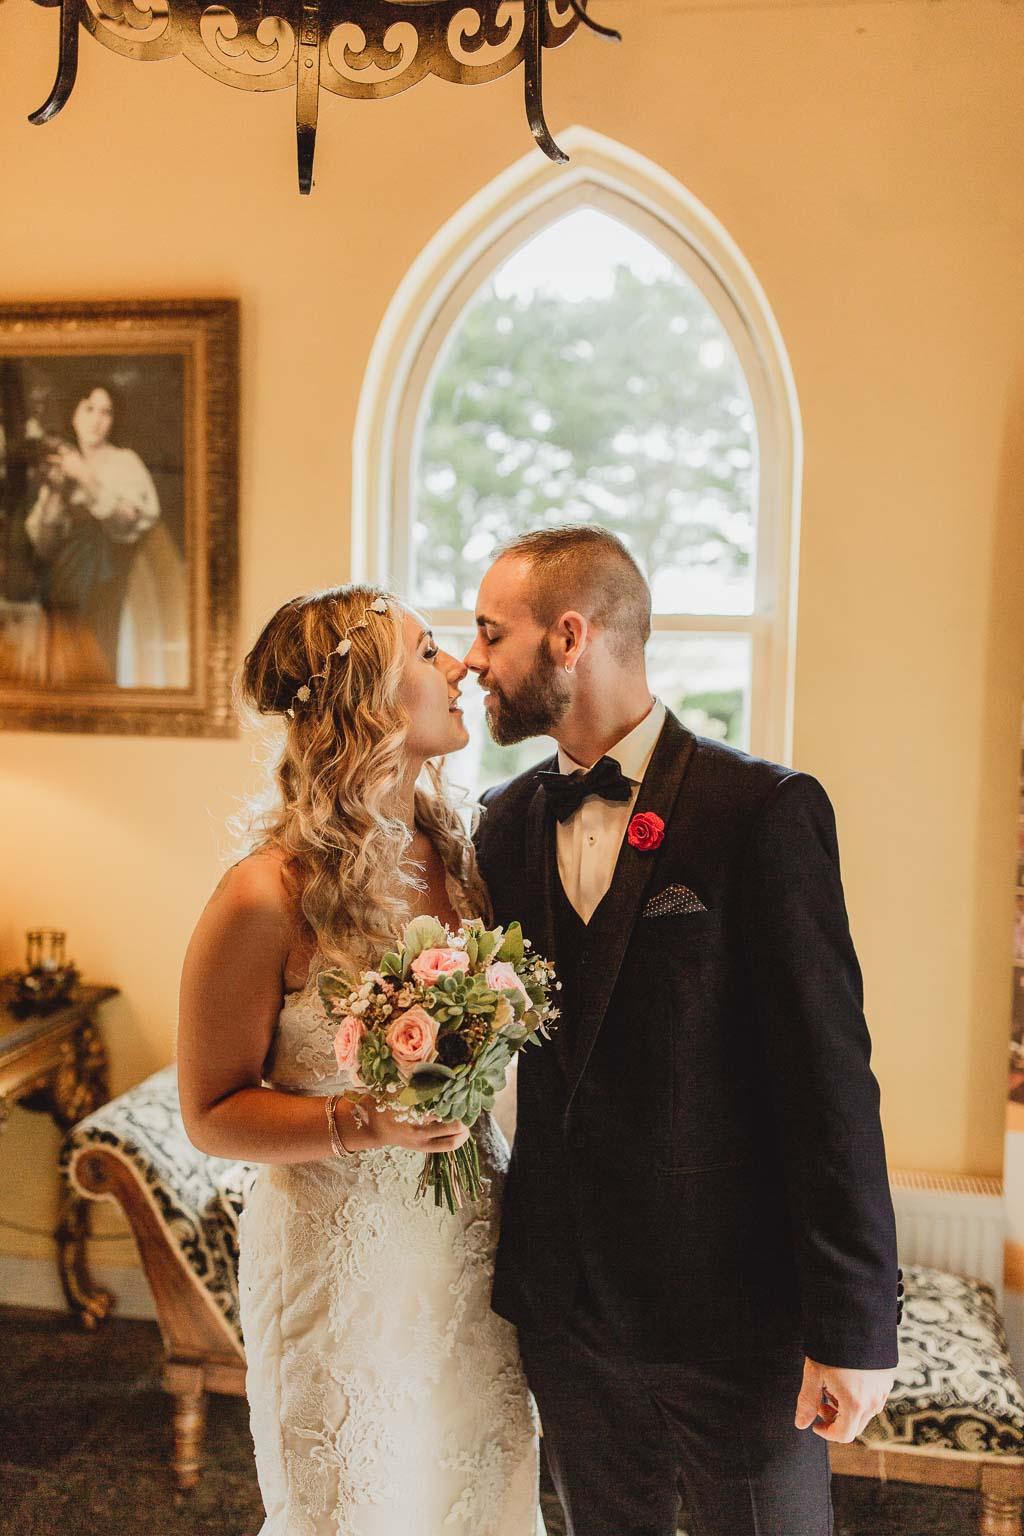 shabby chic wedding ideas-38.jpg